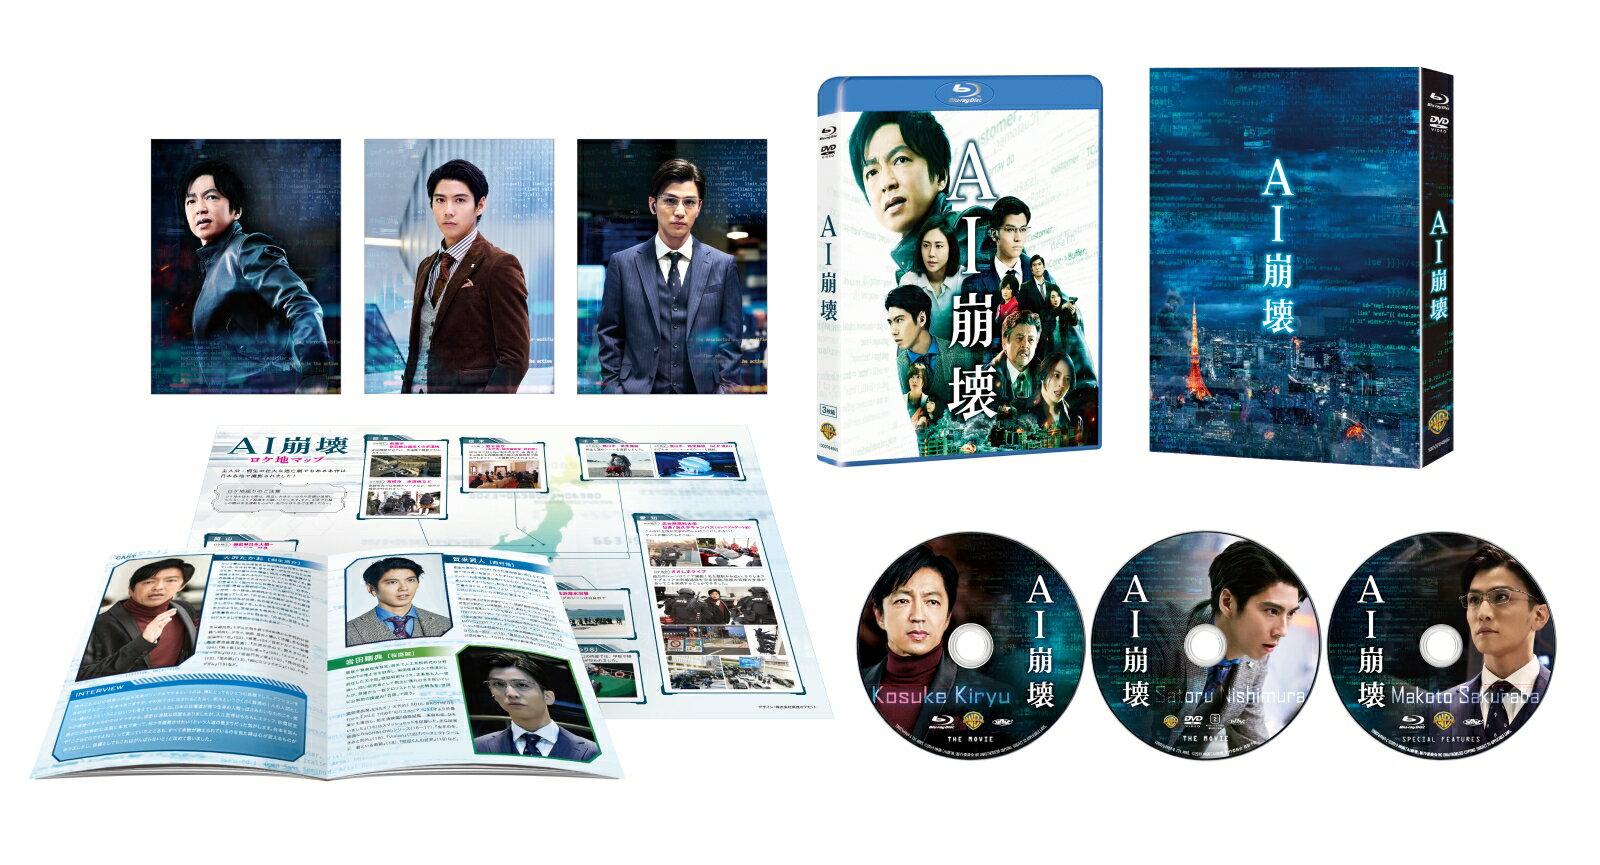 【初回仕様】AI崩壊 ブルーレイ&DVD プレミアム・エディション(3枚組)【Blu-ray】画像